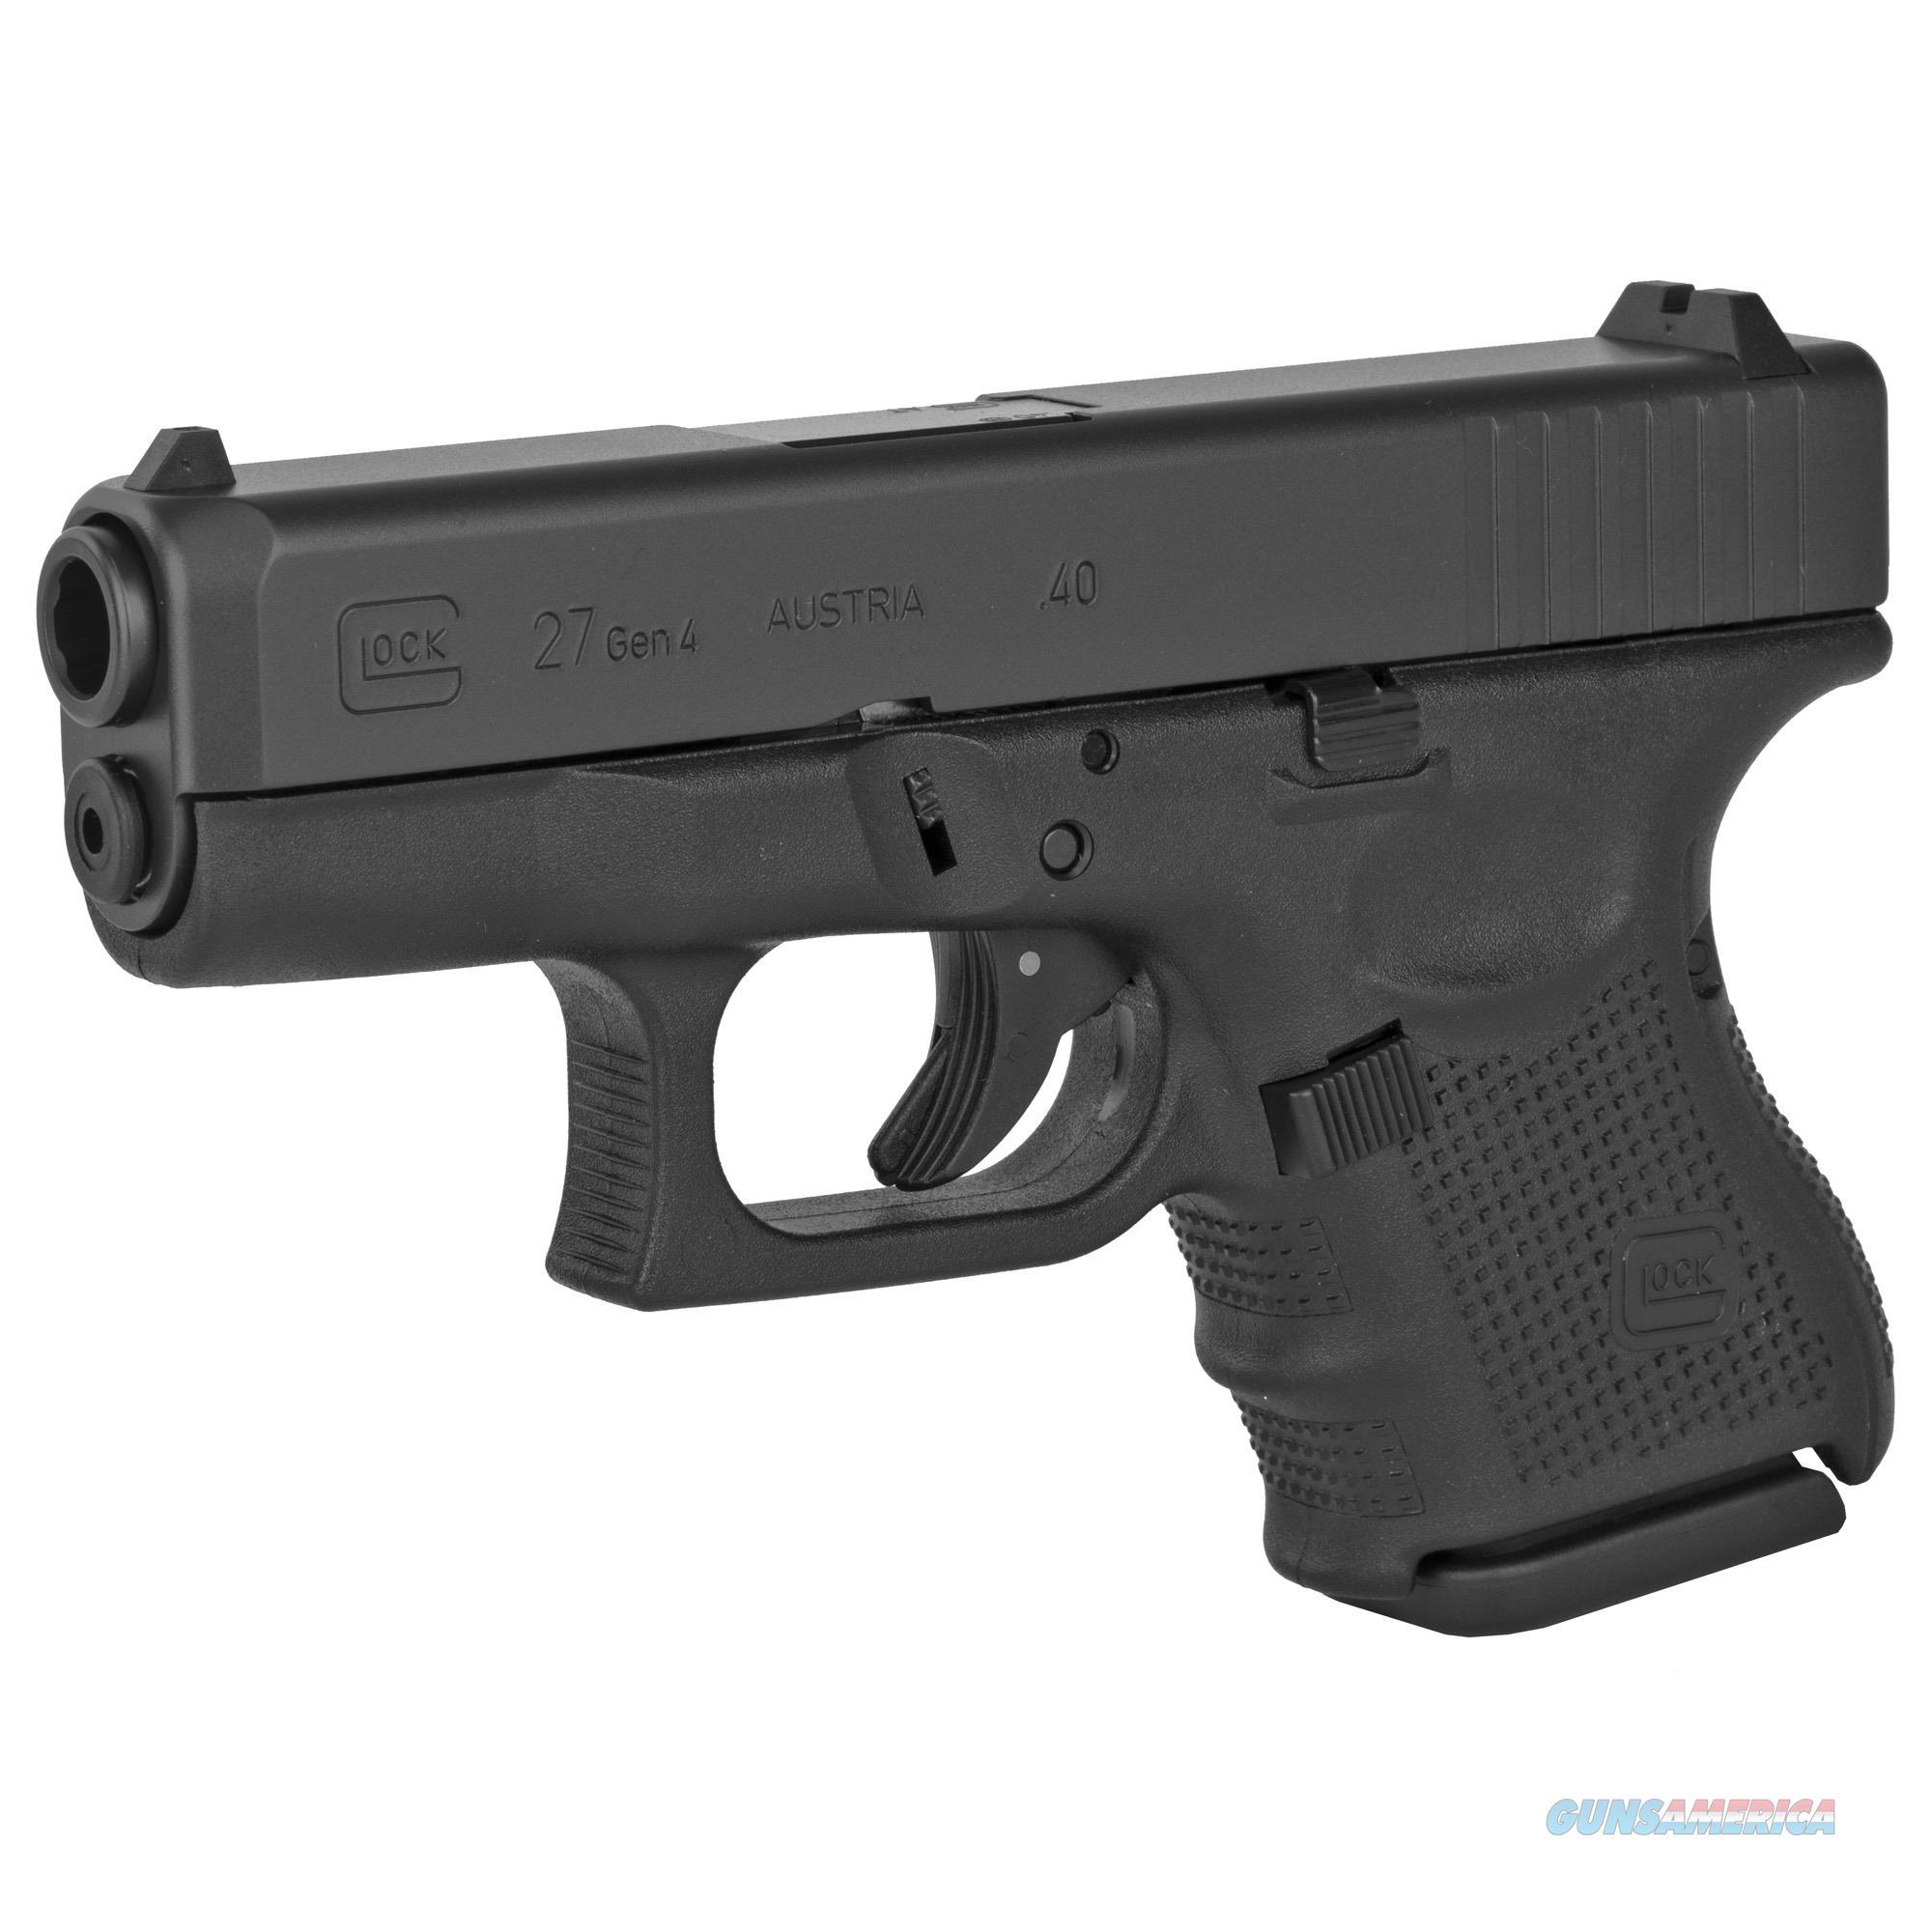 """Glock G27 Gen4 .40 S&W 3.42"""" 9+1 - New in Case!  Guns > Pistols > Glock Pistols > 26/27"""